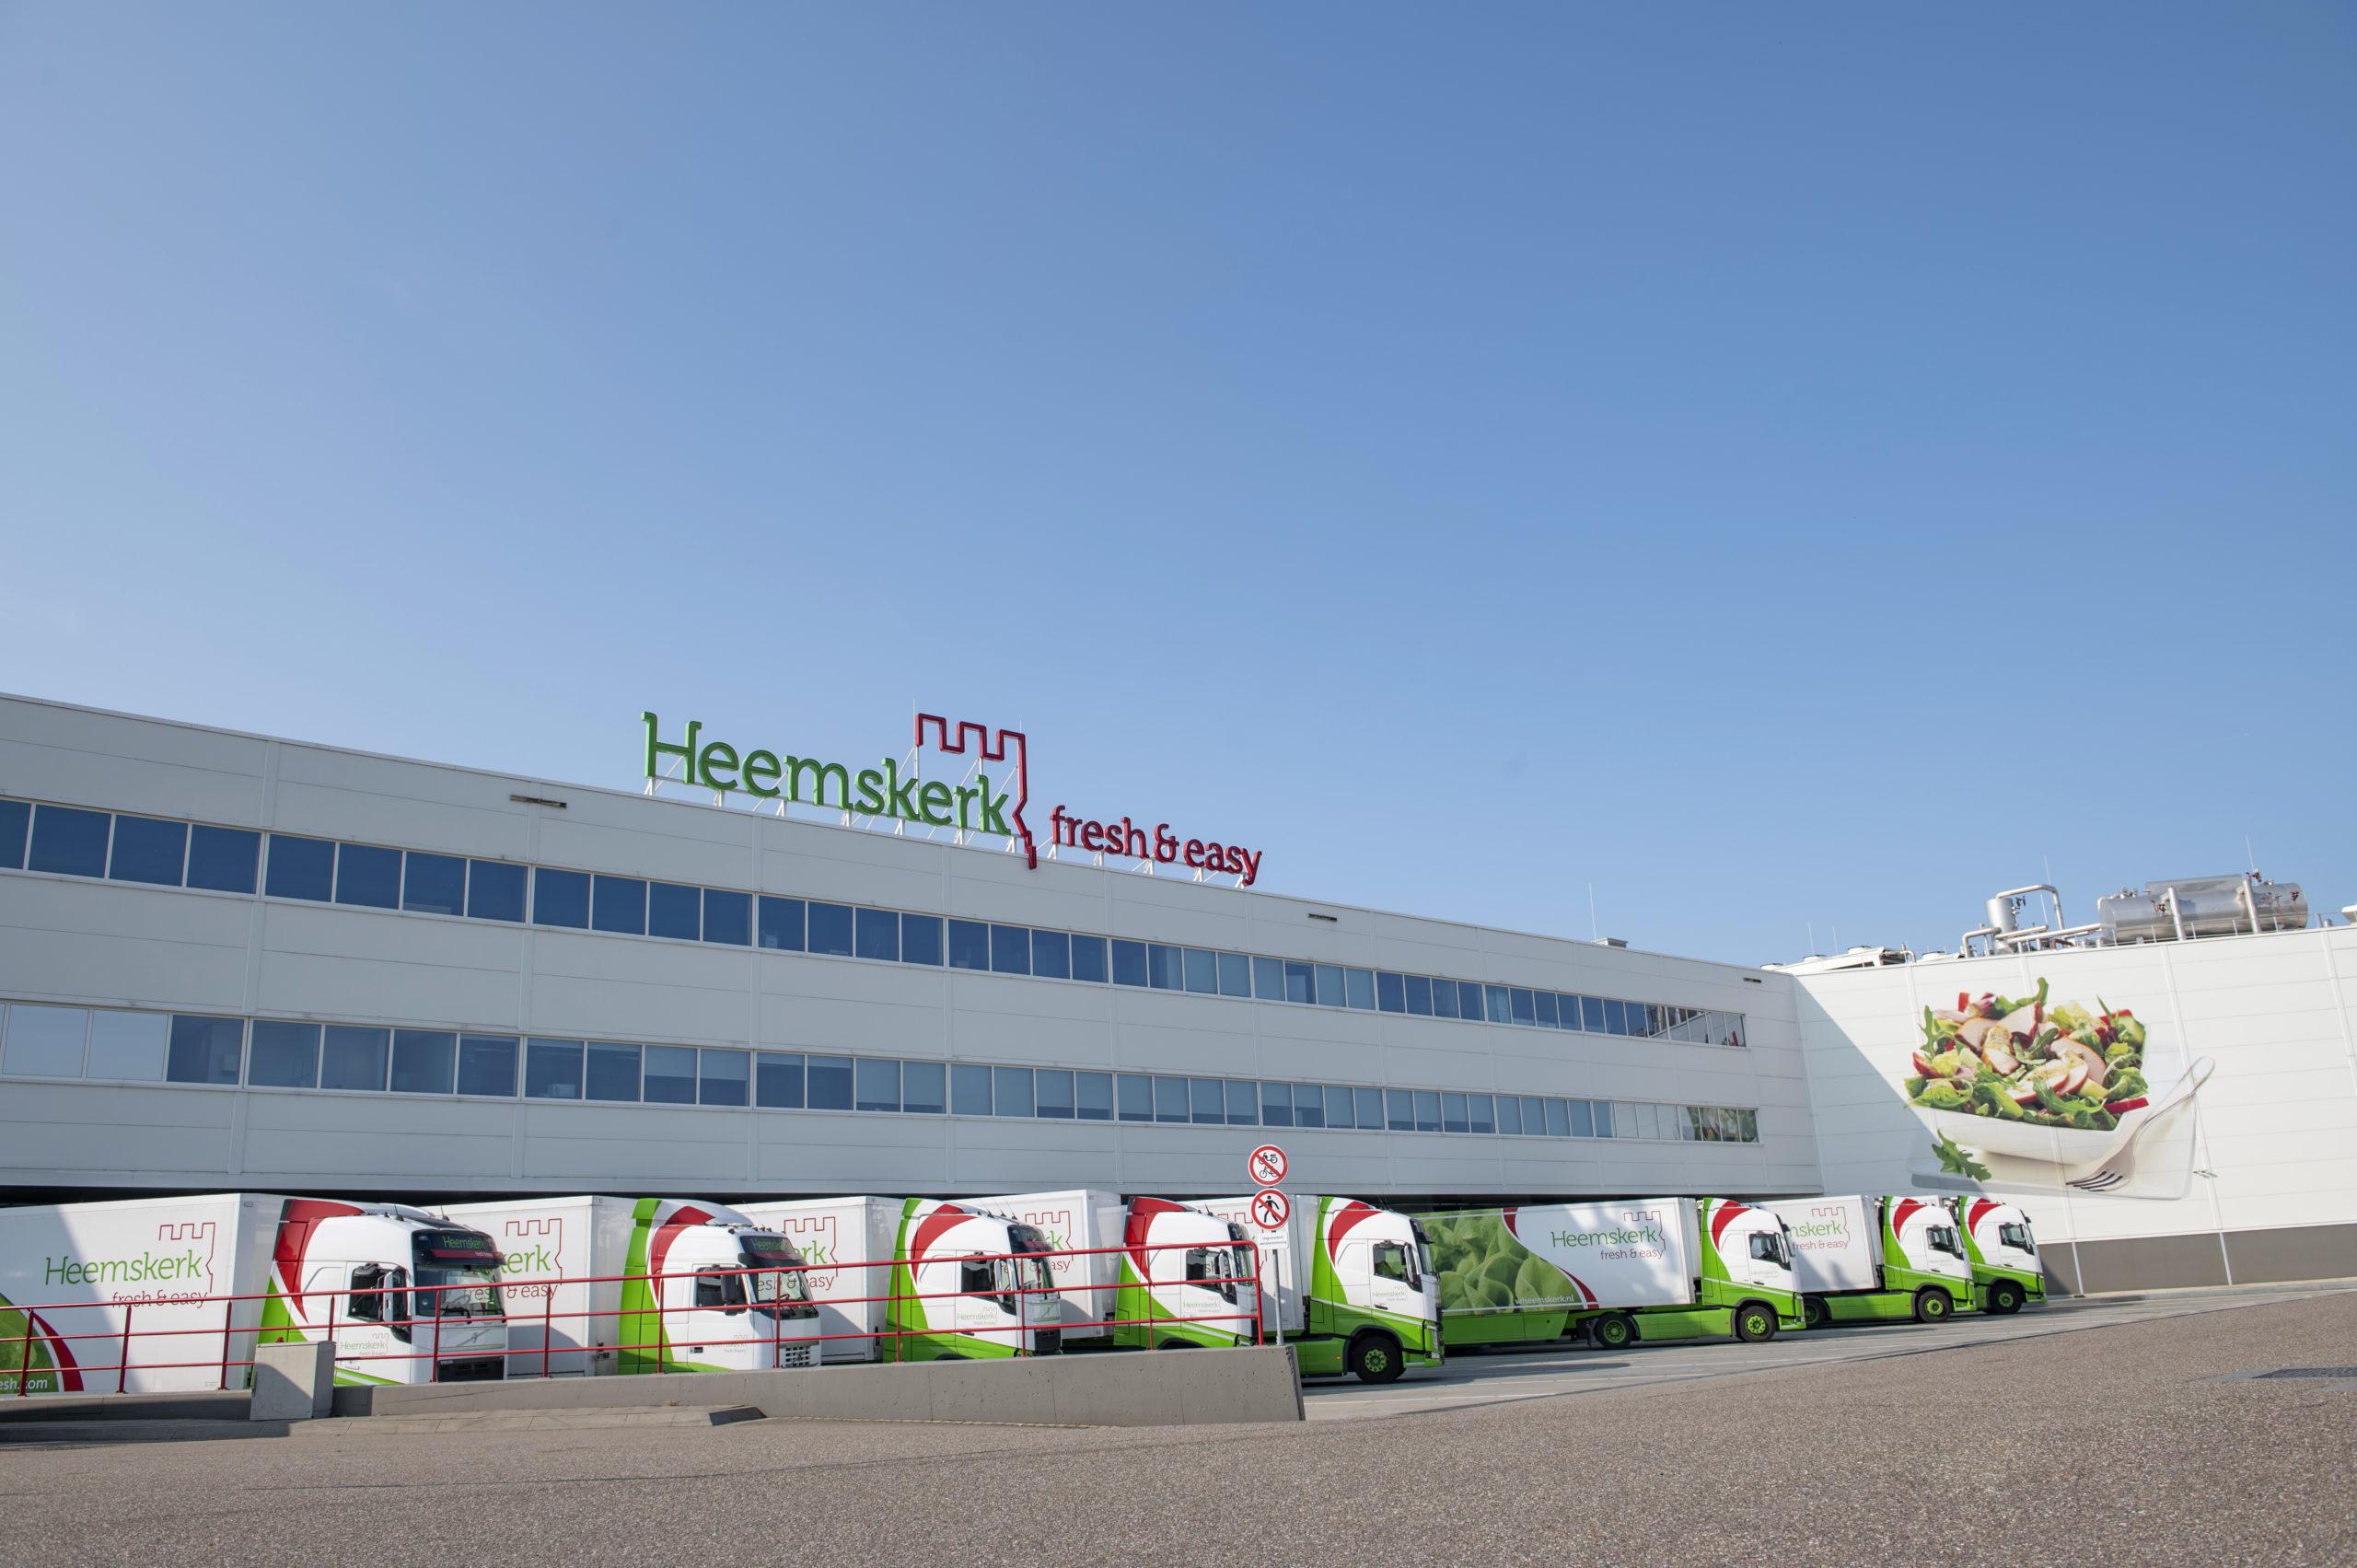 Gullimex und Heemskerk sind Partner bei der Innovation